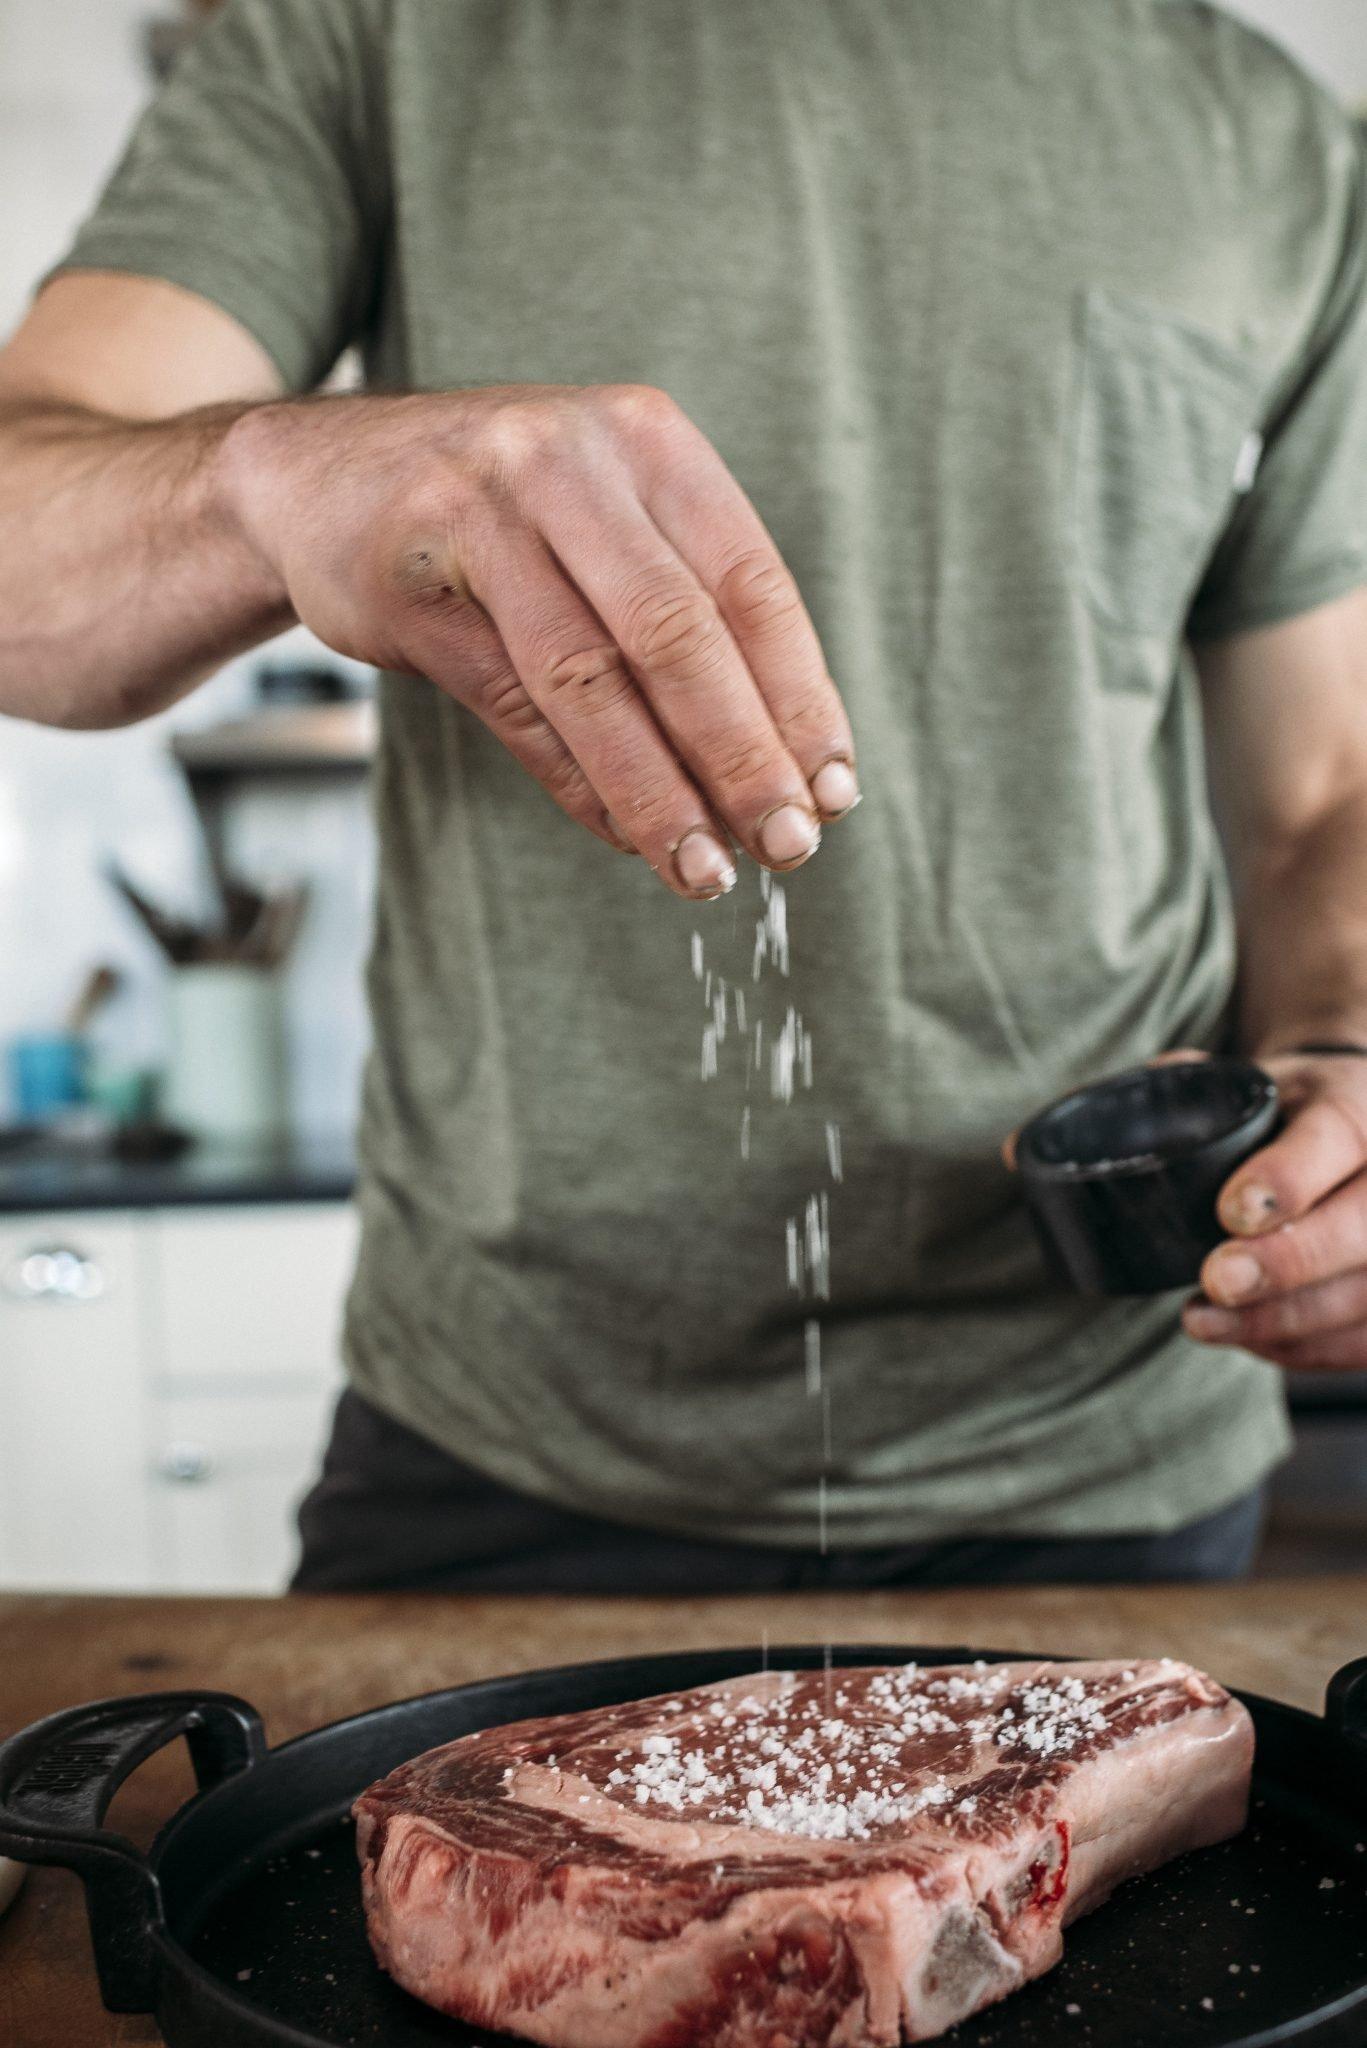 man seasoning steak